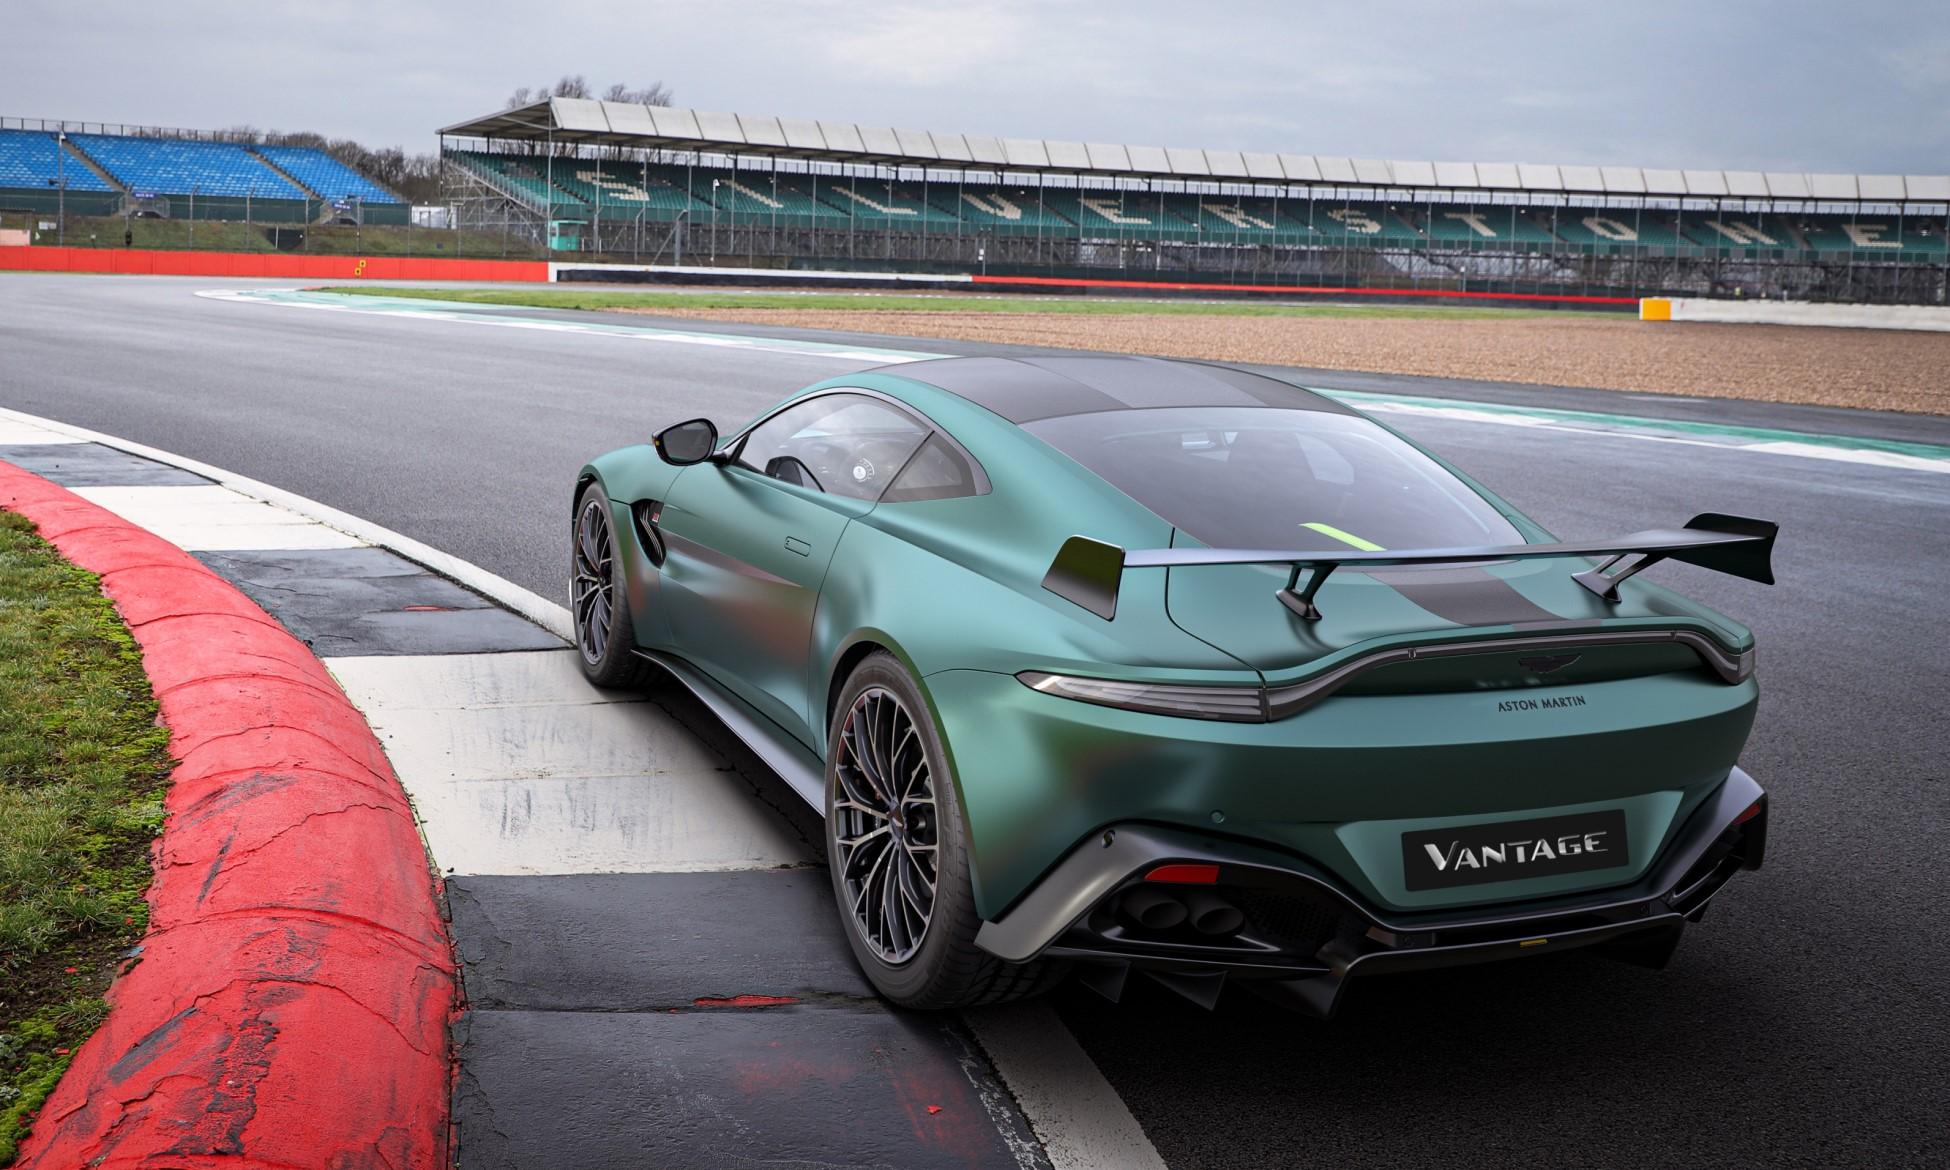 Vantage F1 Edition rear